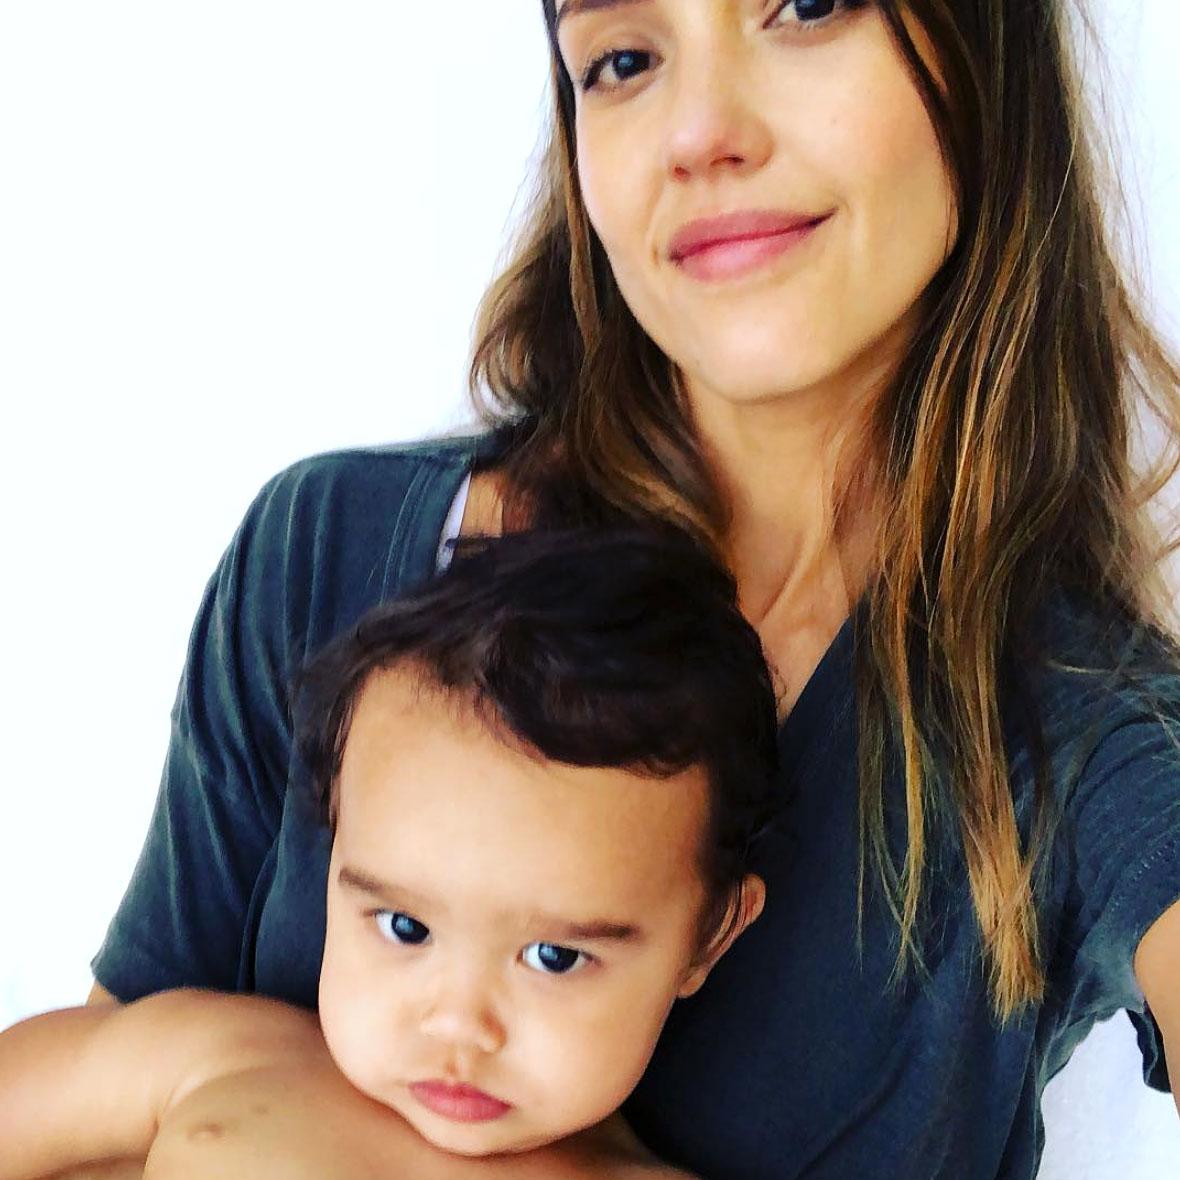 Jessica Alba and Son Cuter Than Daughters - Jessica Alba